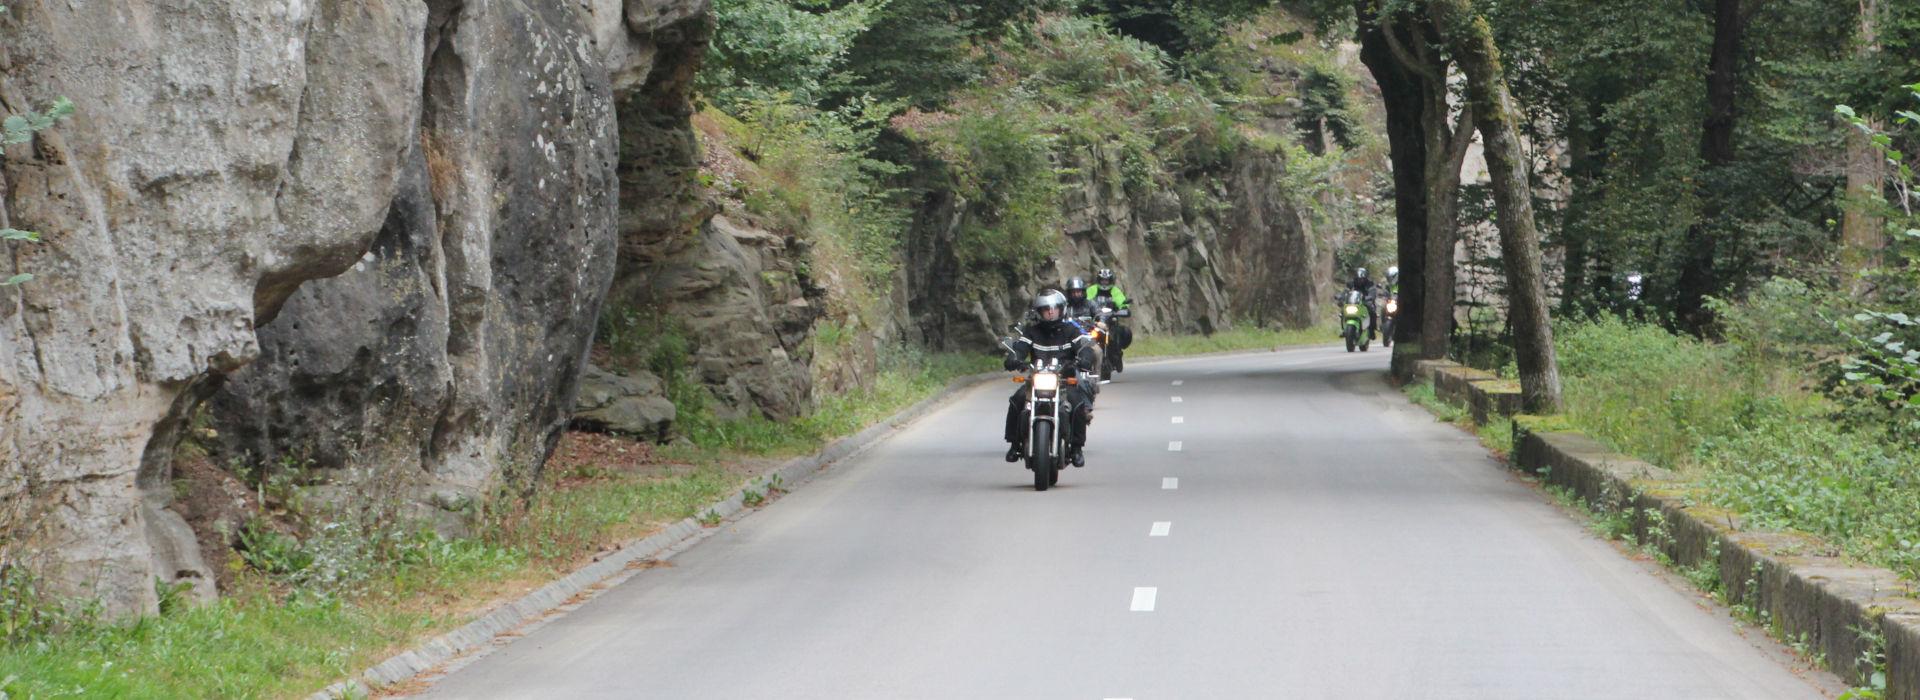 Motorrijbewijspoint Hardinxveld spoedopleiding motorrijbewijs